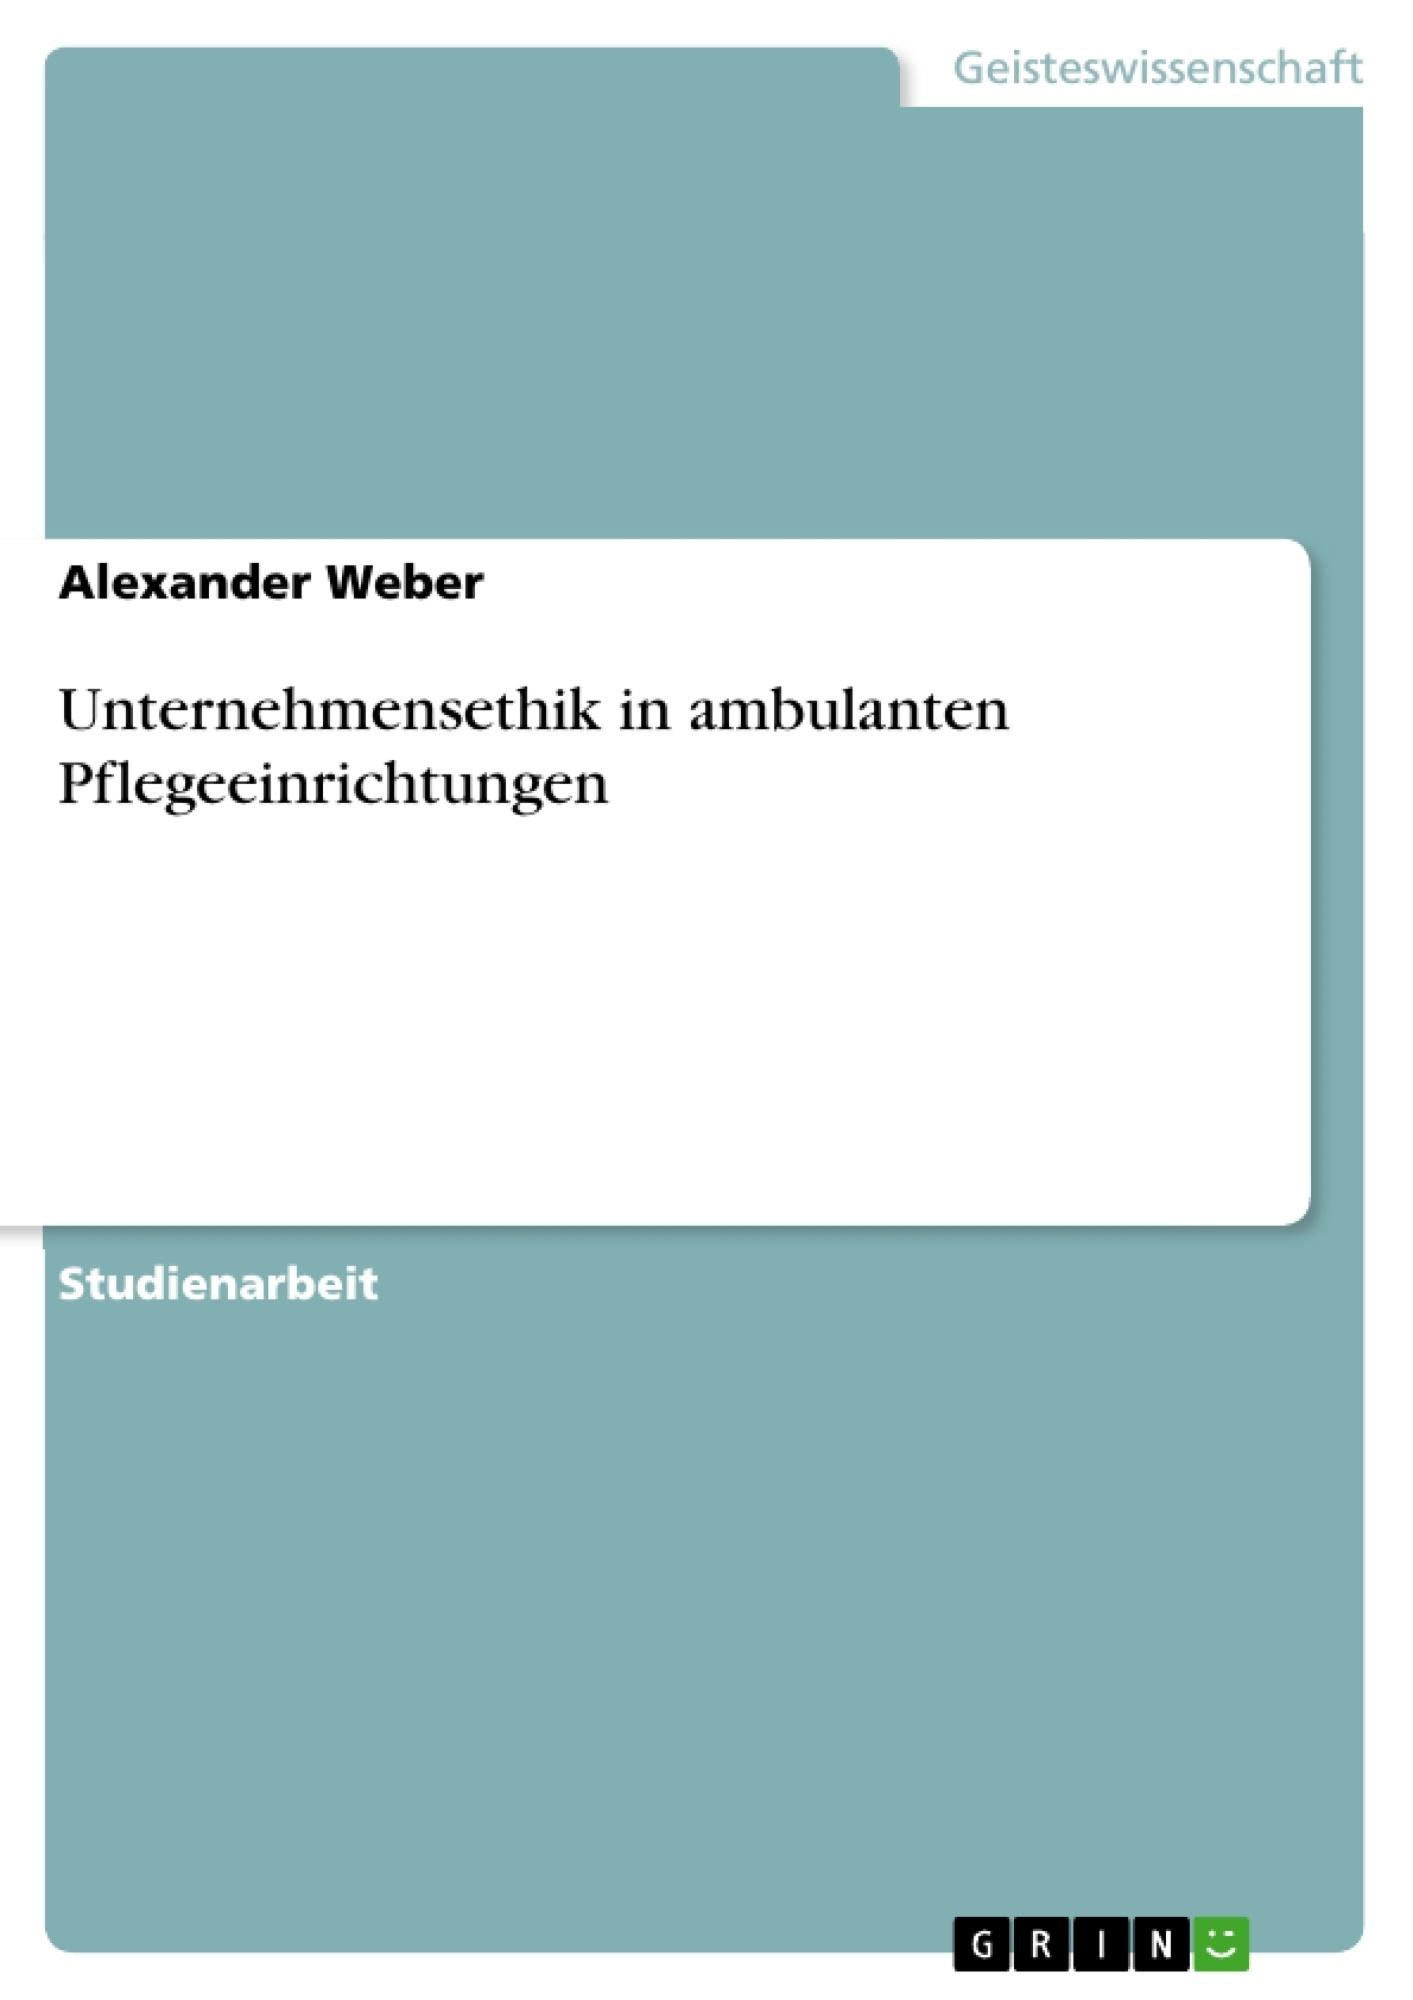 Titel: Unternehmensethik in ambulanten Pflegeeinrichtungen